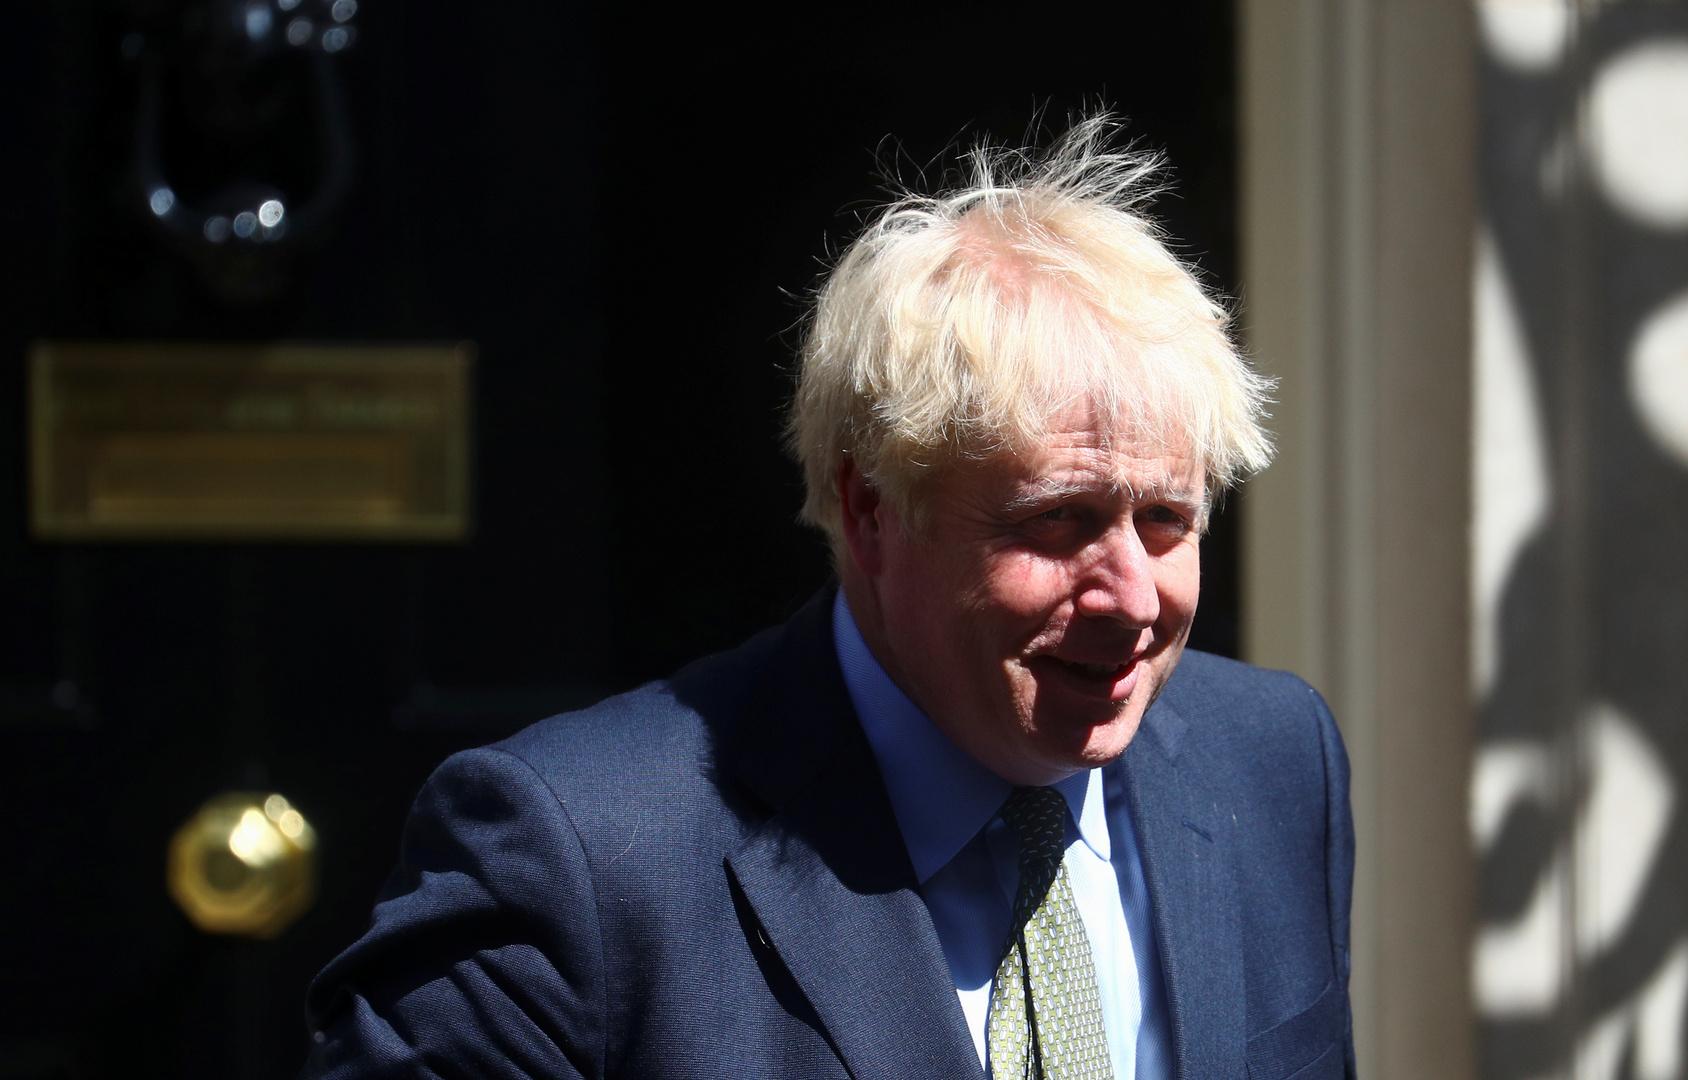 بوريس جونسون رئيس وزراء بريطانيا